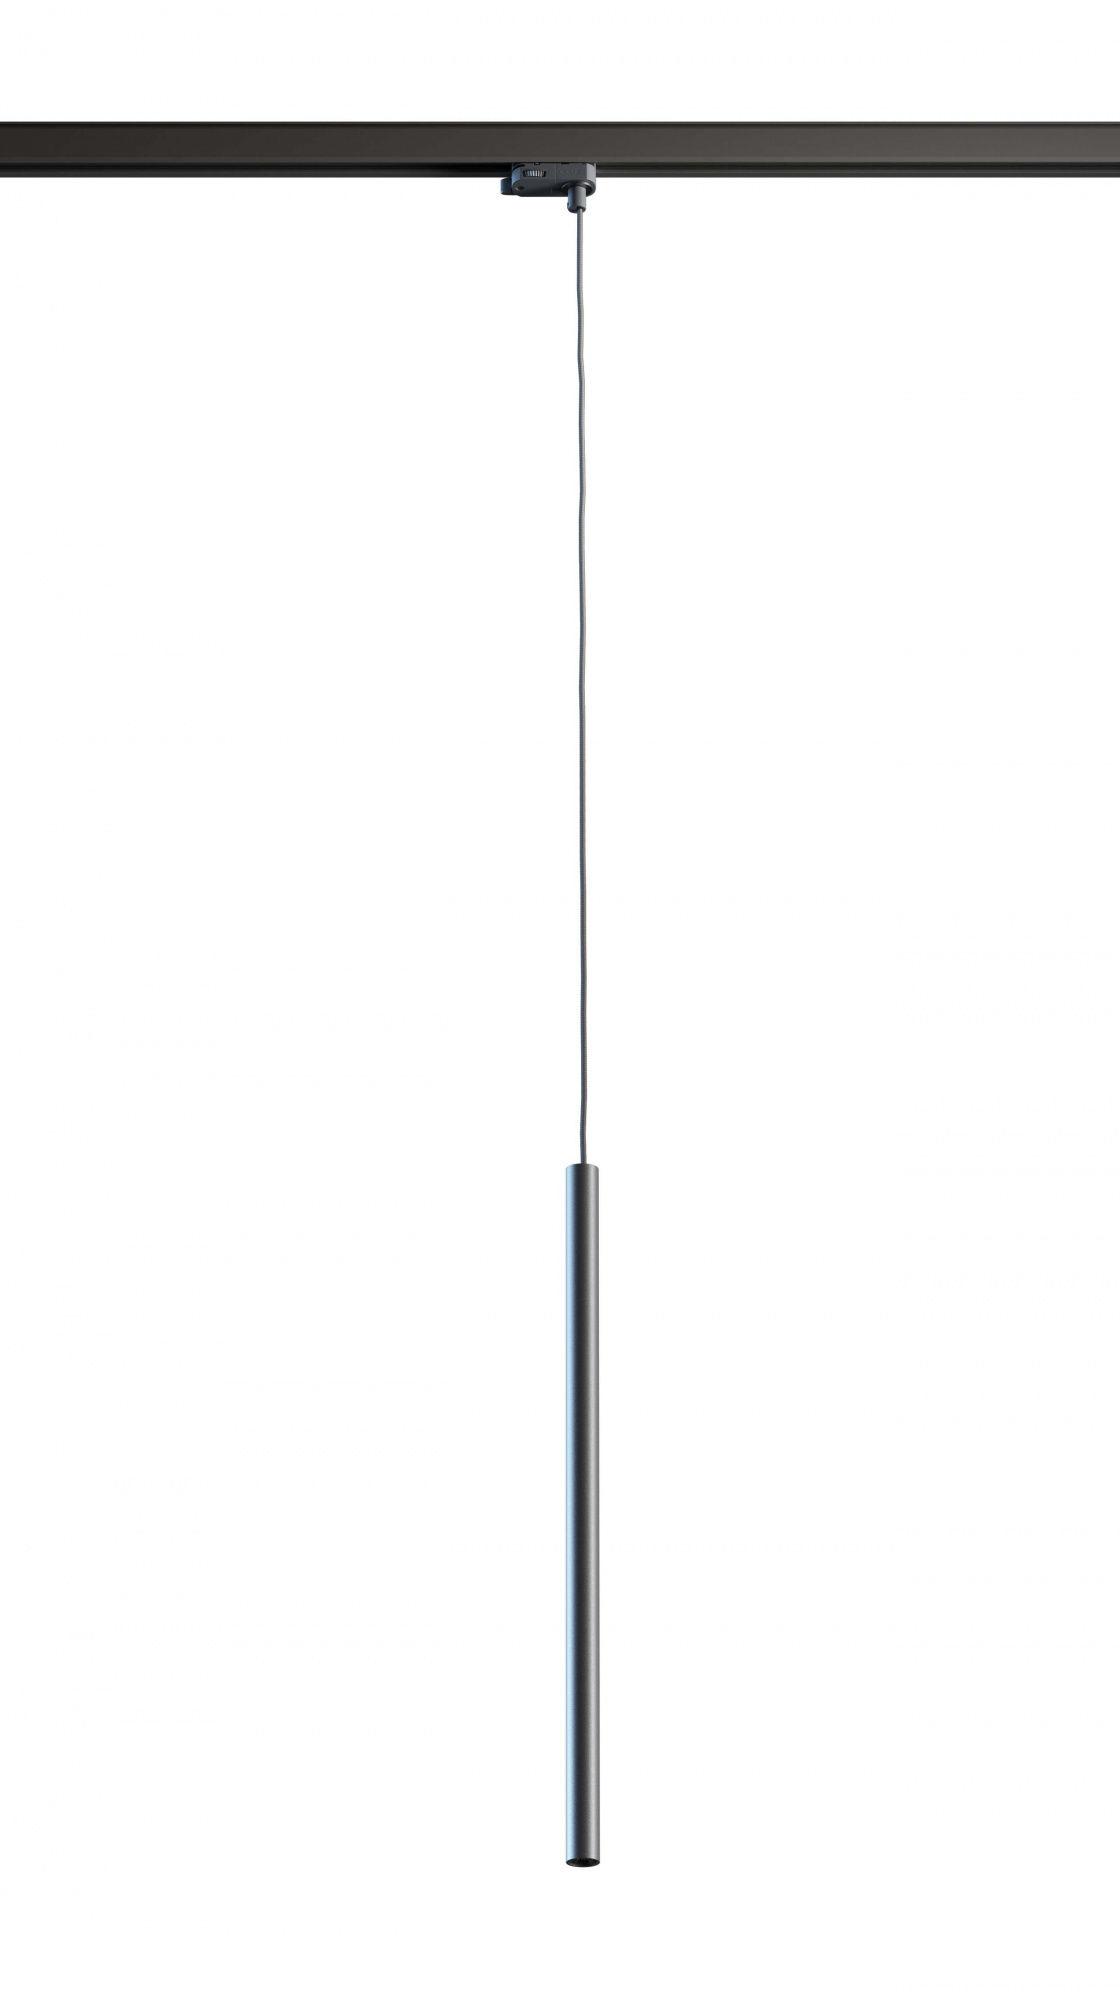 Lampa wisząca do szynoprzewodu Ner T169 różne kolory i rozmiary Cleoni pojedynczy zwis w nowoczesnym stylu